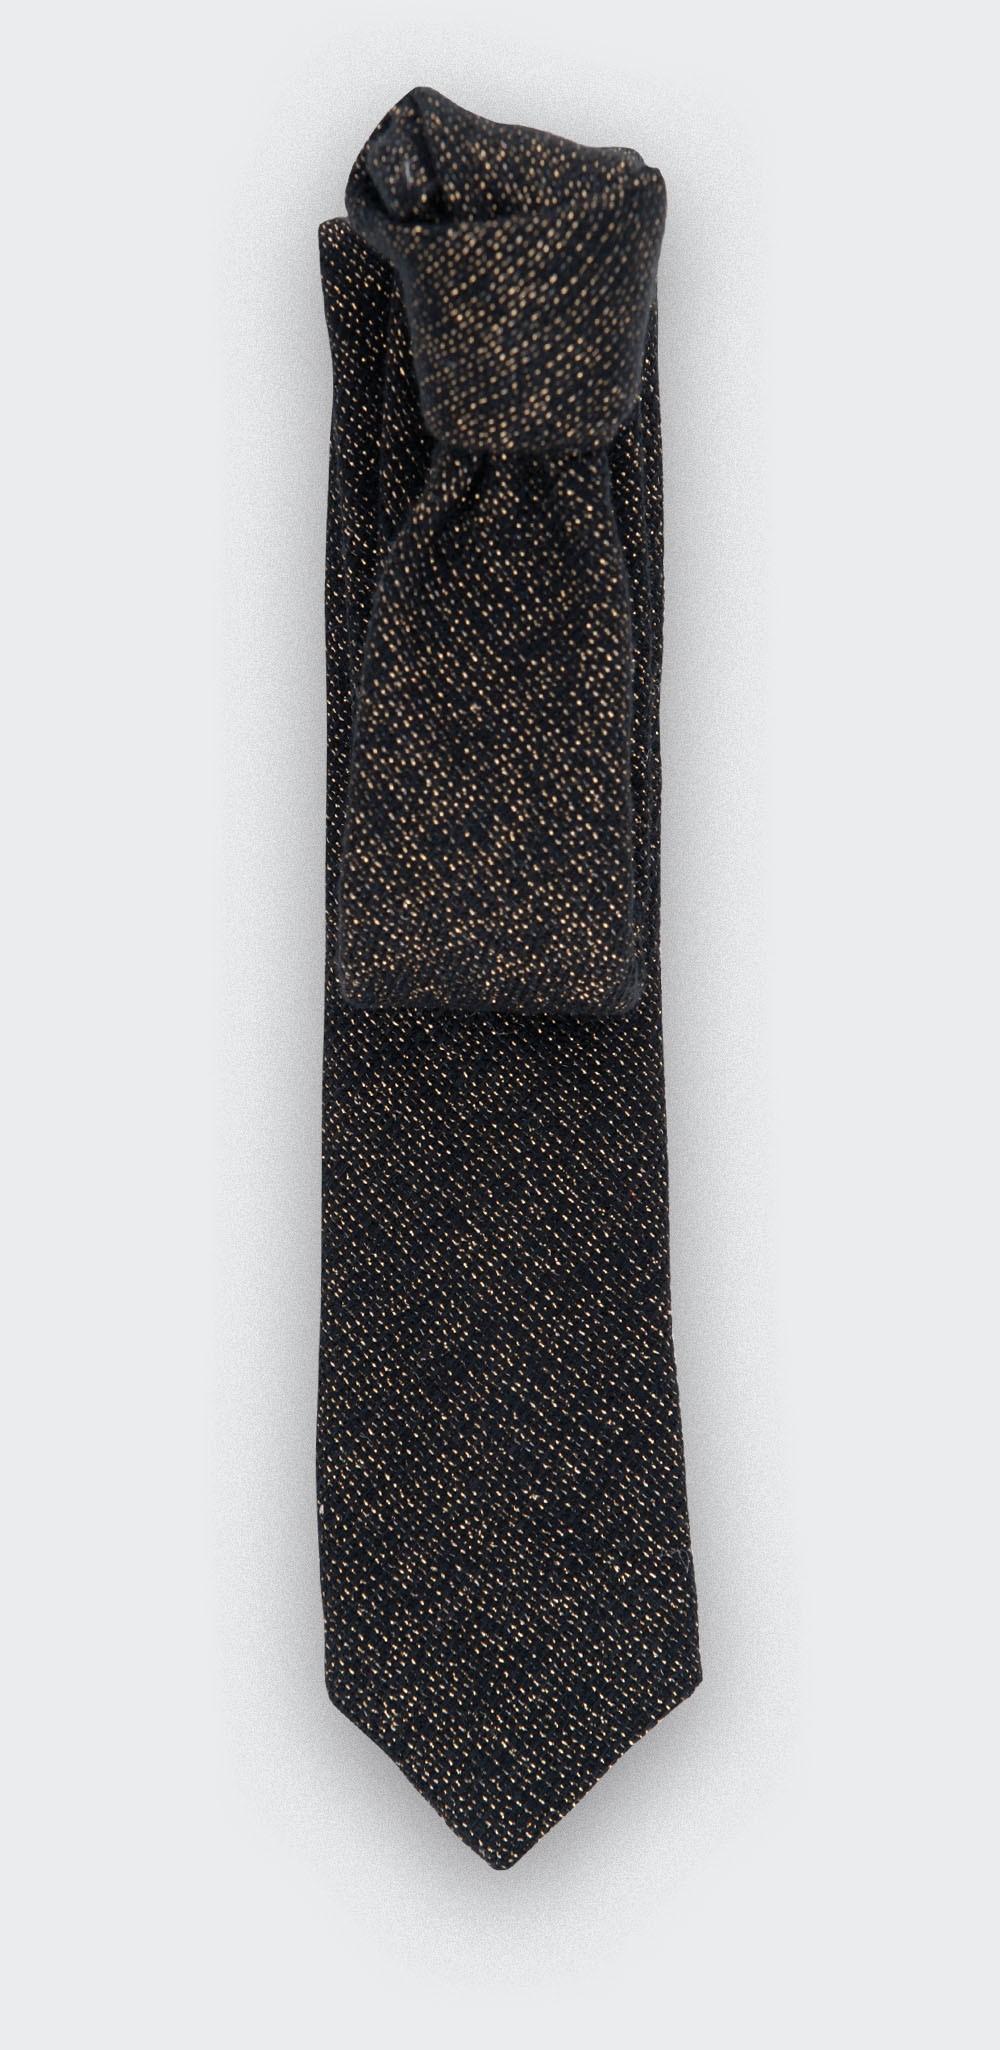 cravate - or 1001 Nuits Noir - lurex laine - cinabre paris